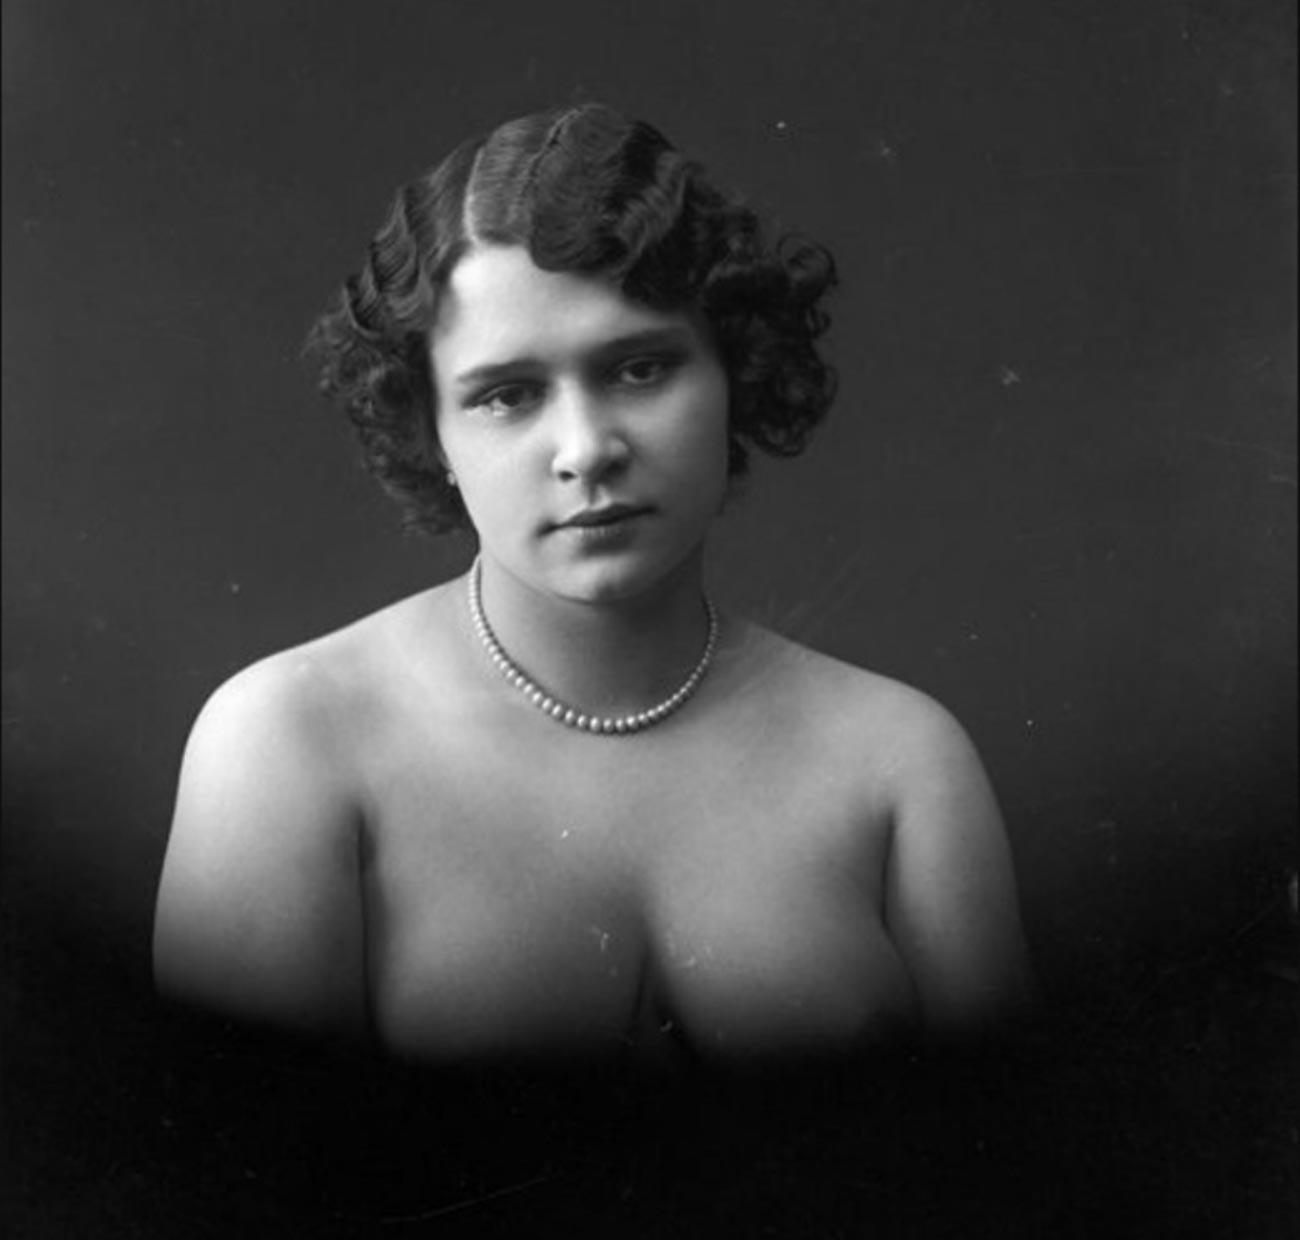 Фотографија проститутке у Нижњем Новгороду, 1895-1905.